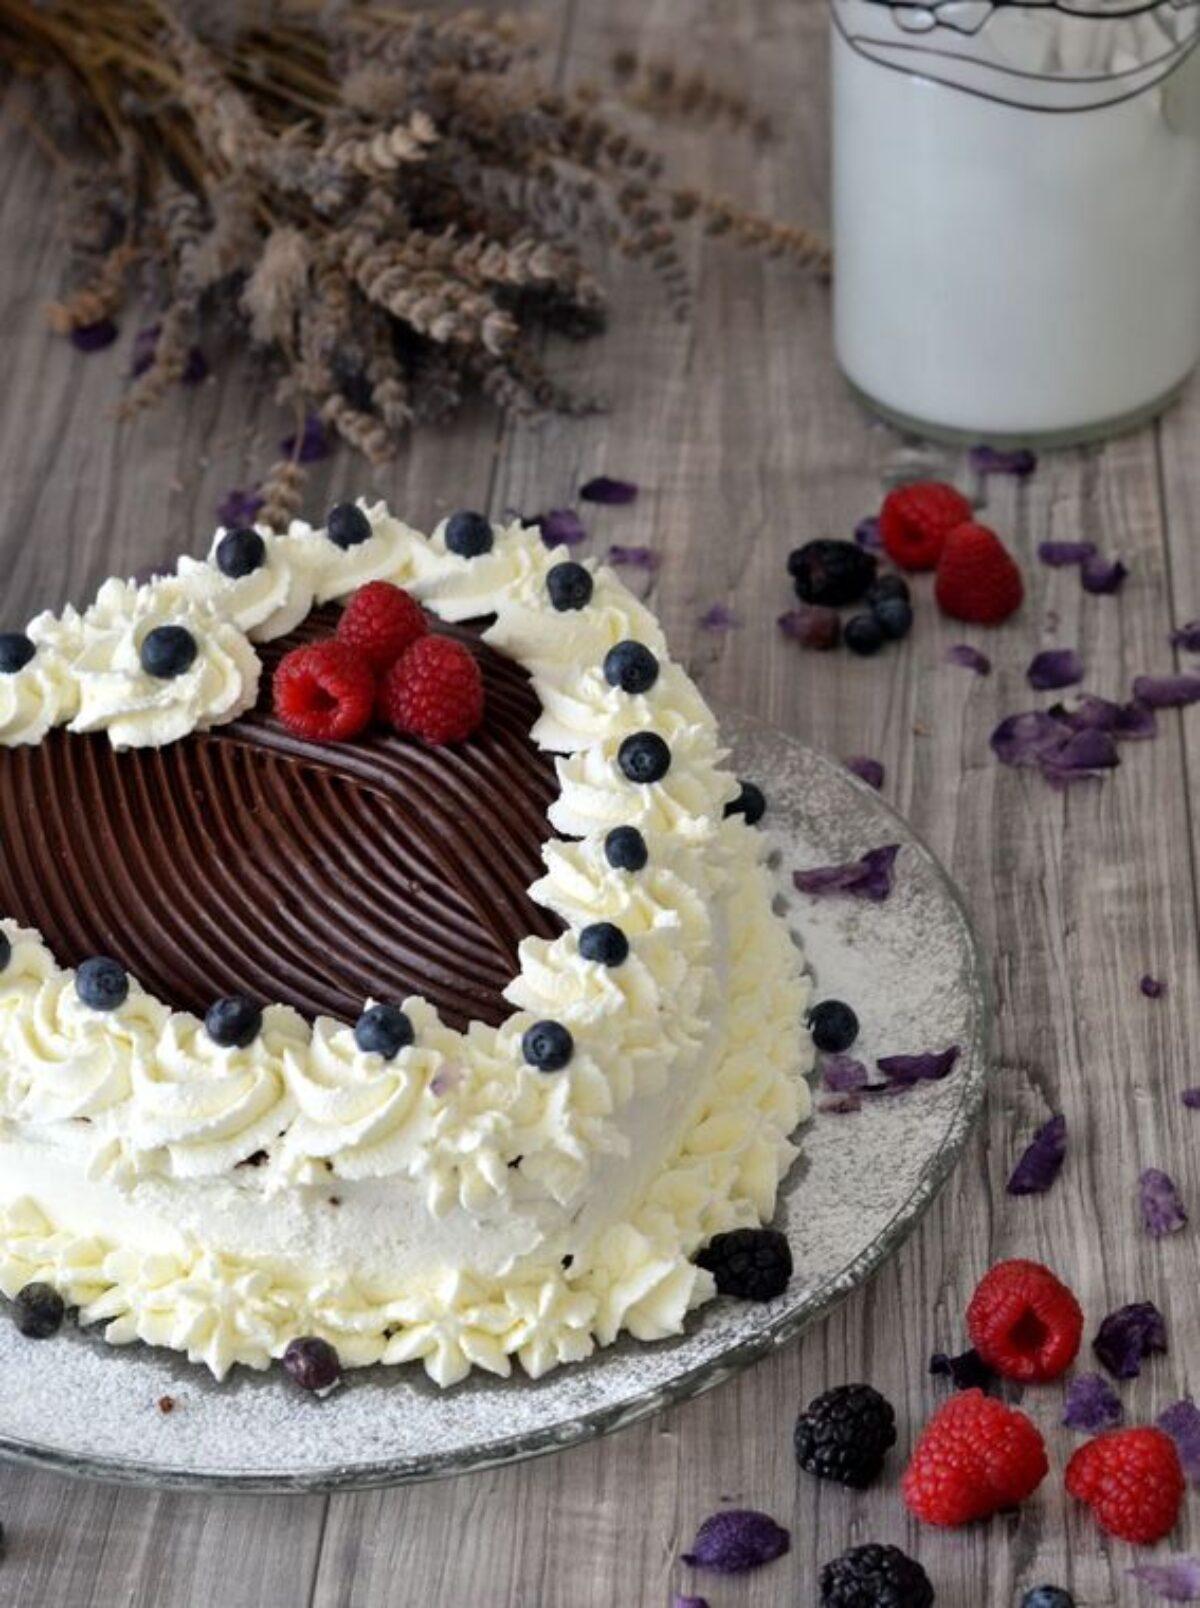 Ricetta Torta Al Cioccolato A Forma Di Cuore.Torta Cuore Con Ganache Al Cioccolato E Frutti Di Bosco